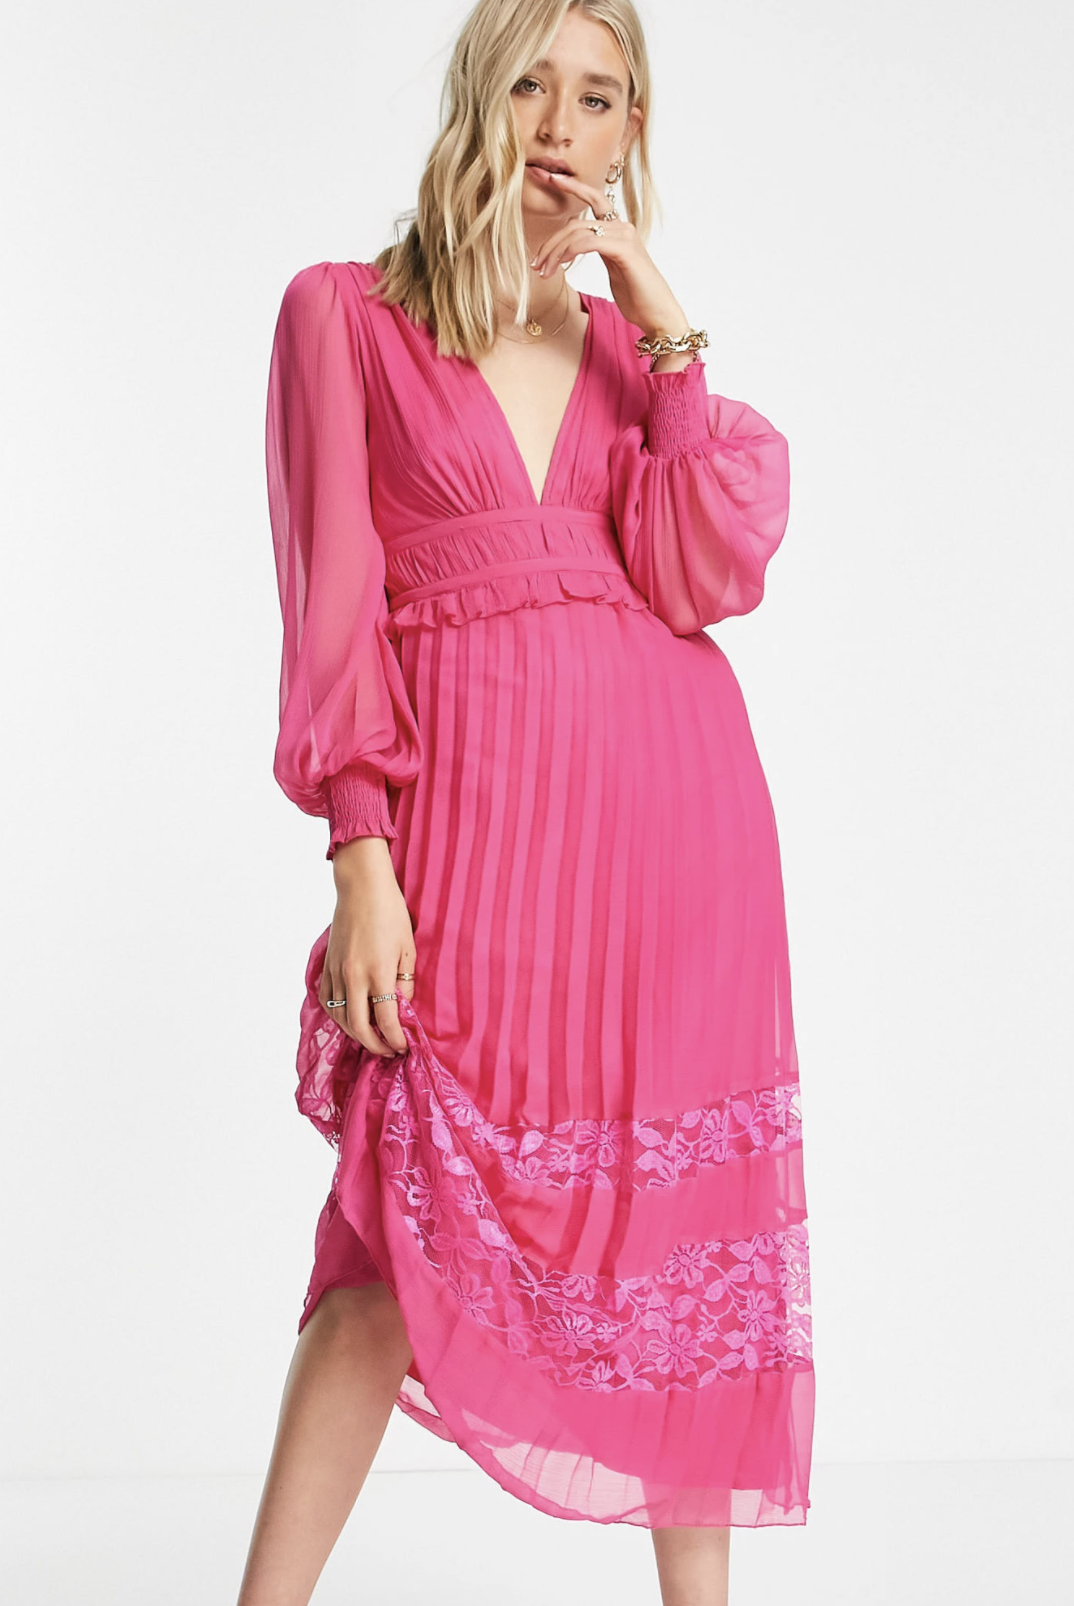 Vestido midi rosa intenso plisado con escote pronunciado y aplicaciones de encaje en el bajo exclusivo de ASOS DESIGN